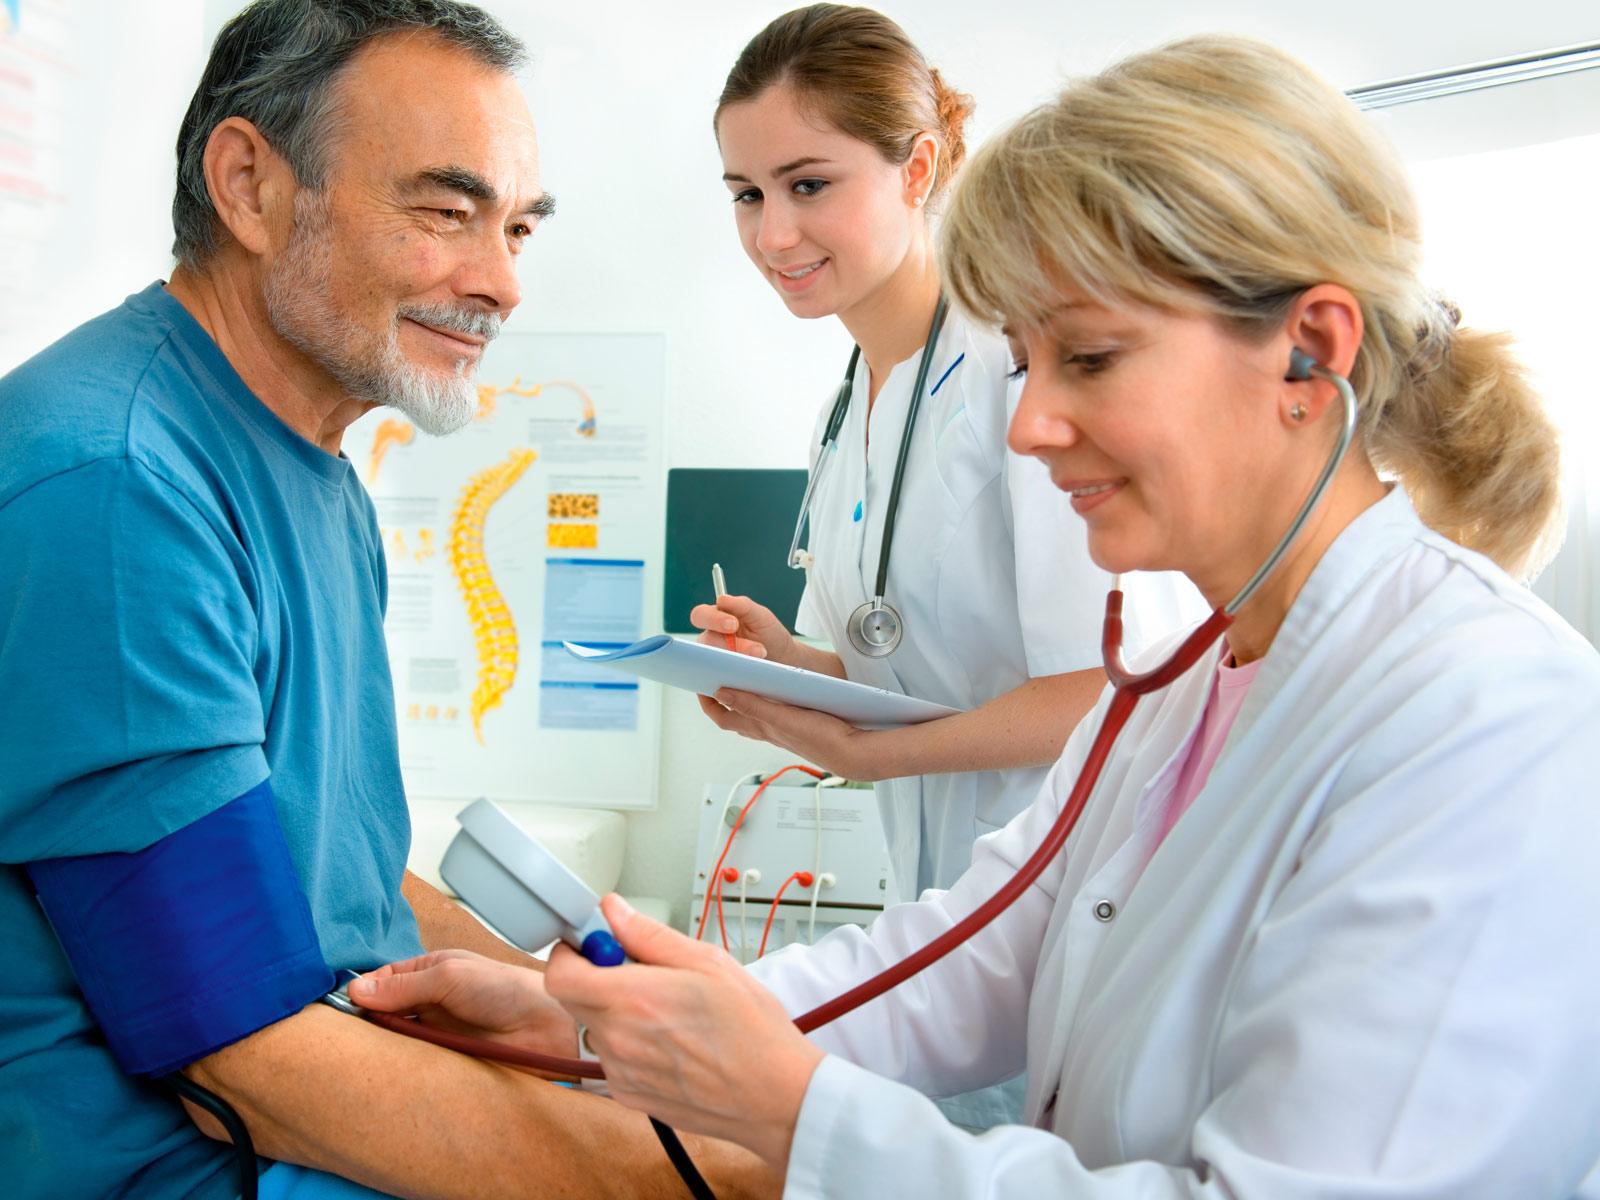 Что такое предвахтовый медицинский осмотр и для каких целей он проводится